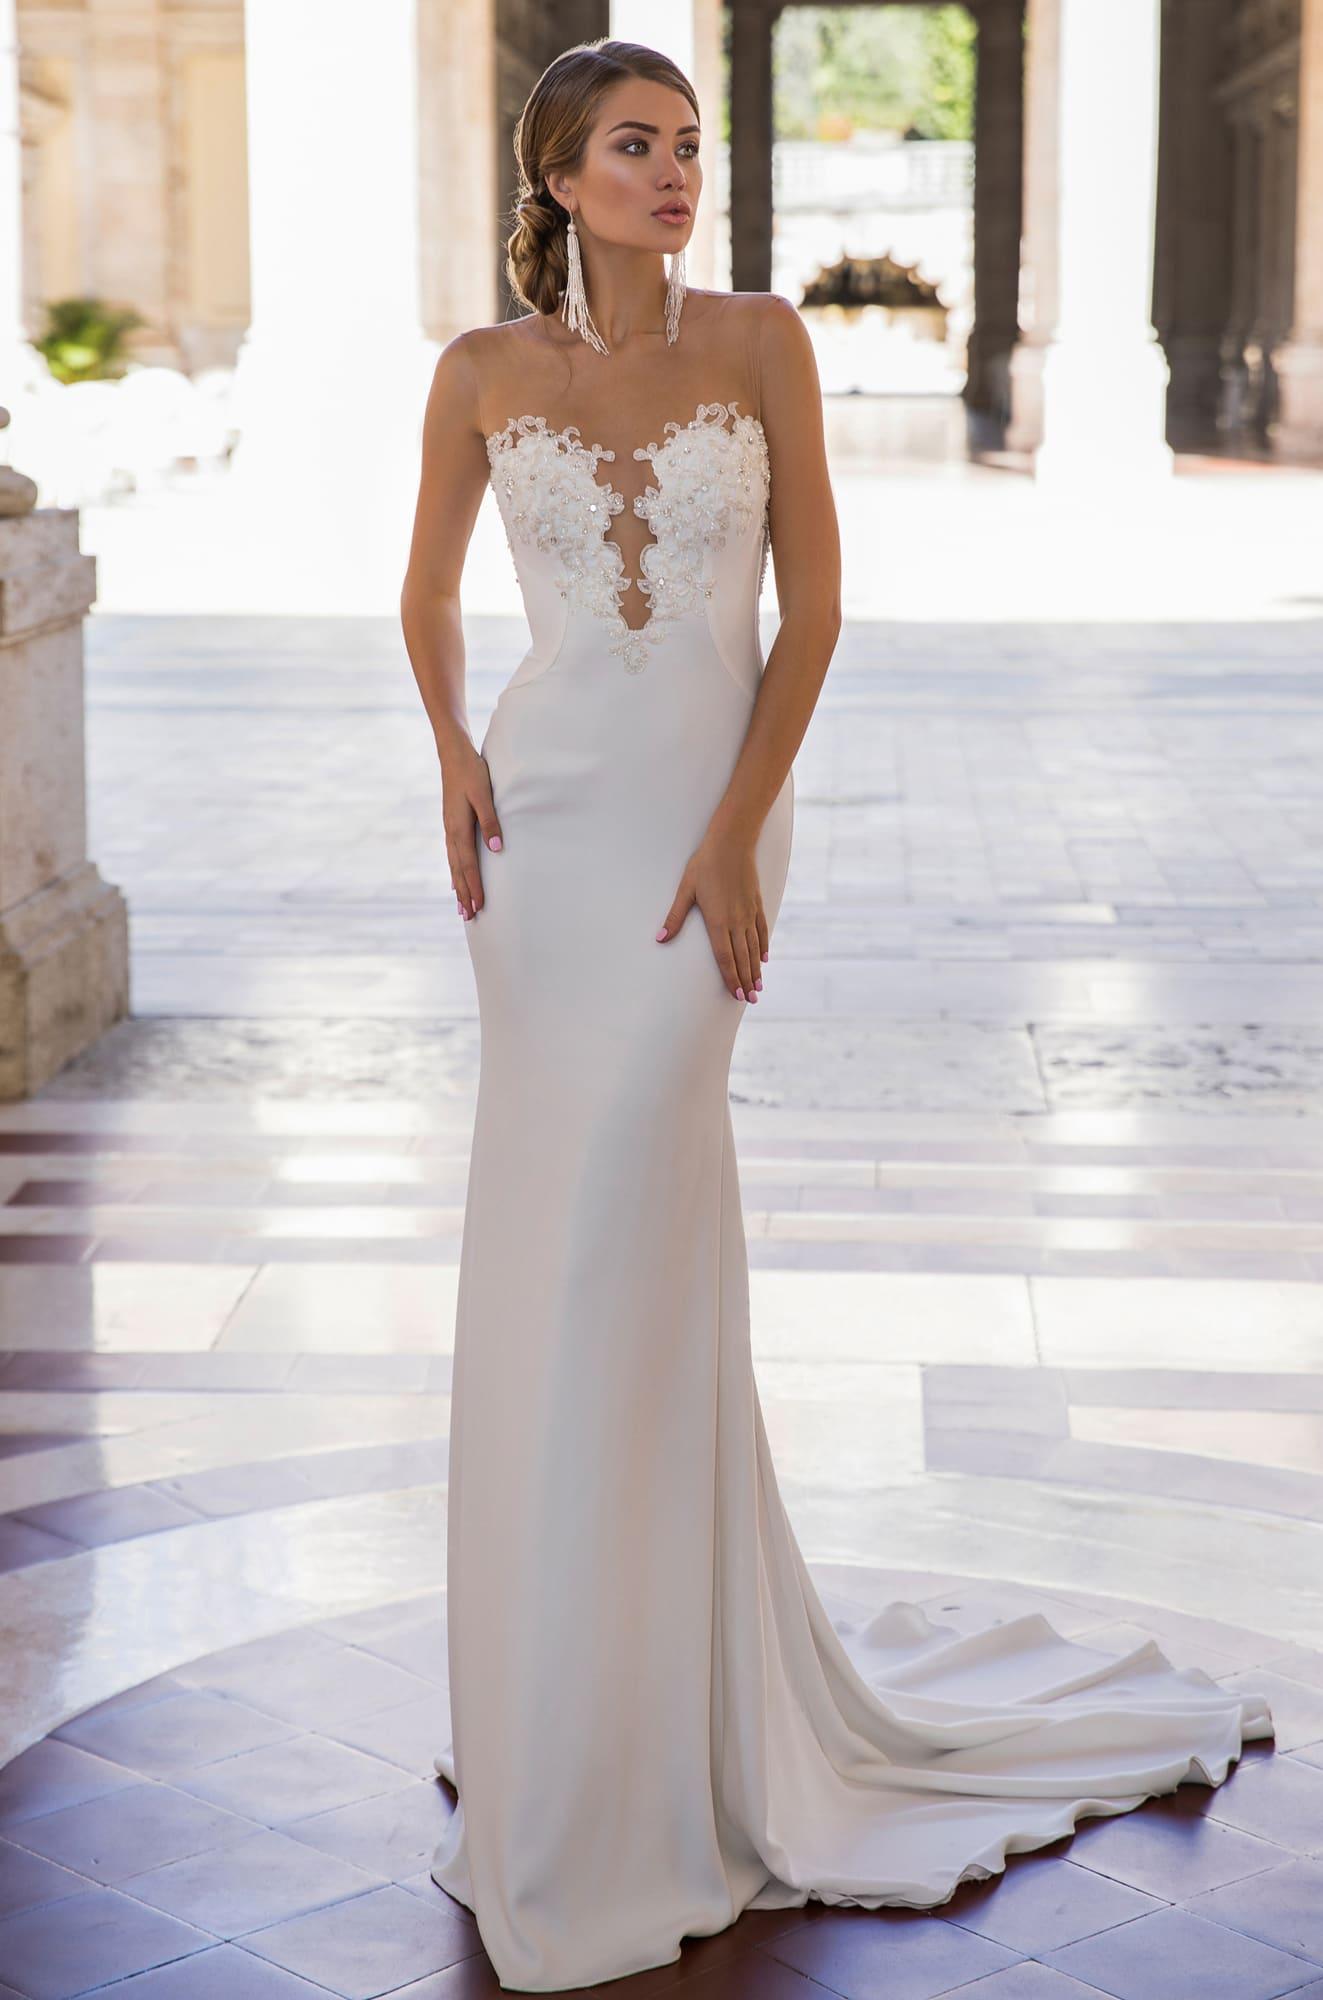 Облегающее свадебное платье с глубоким вырезом, украшенным по краю кружевом.